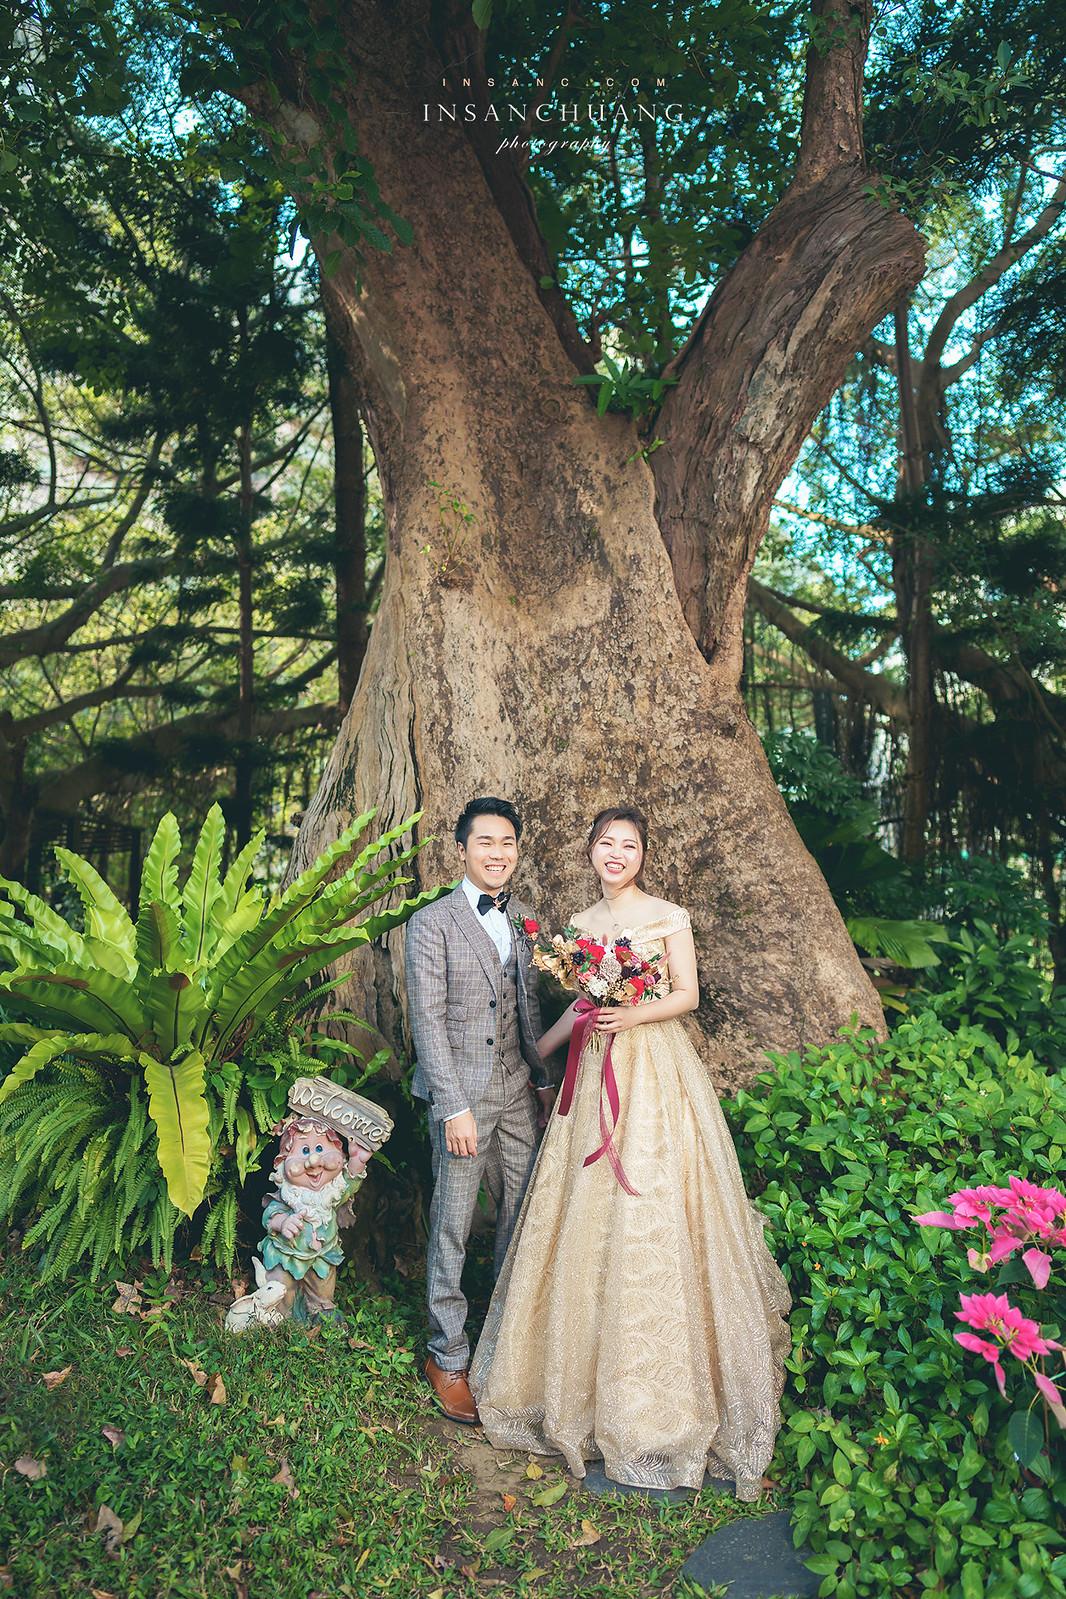 婚攝英聖青青食尚花園會館凡爾賽-20210116131415-1920